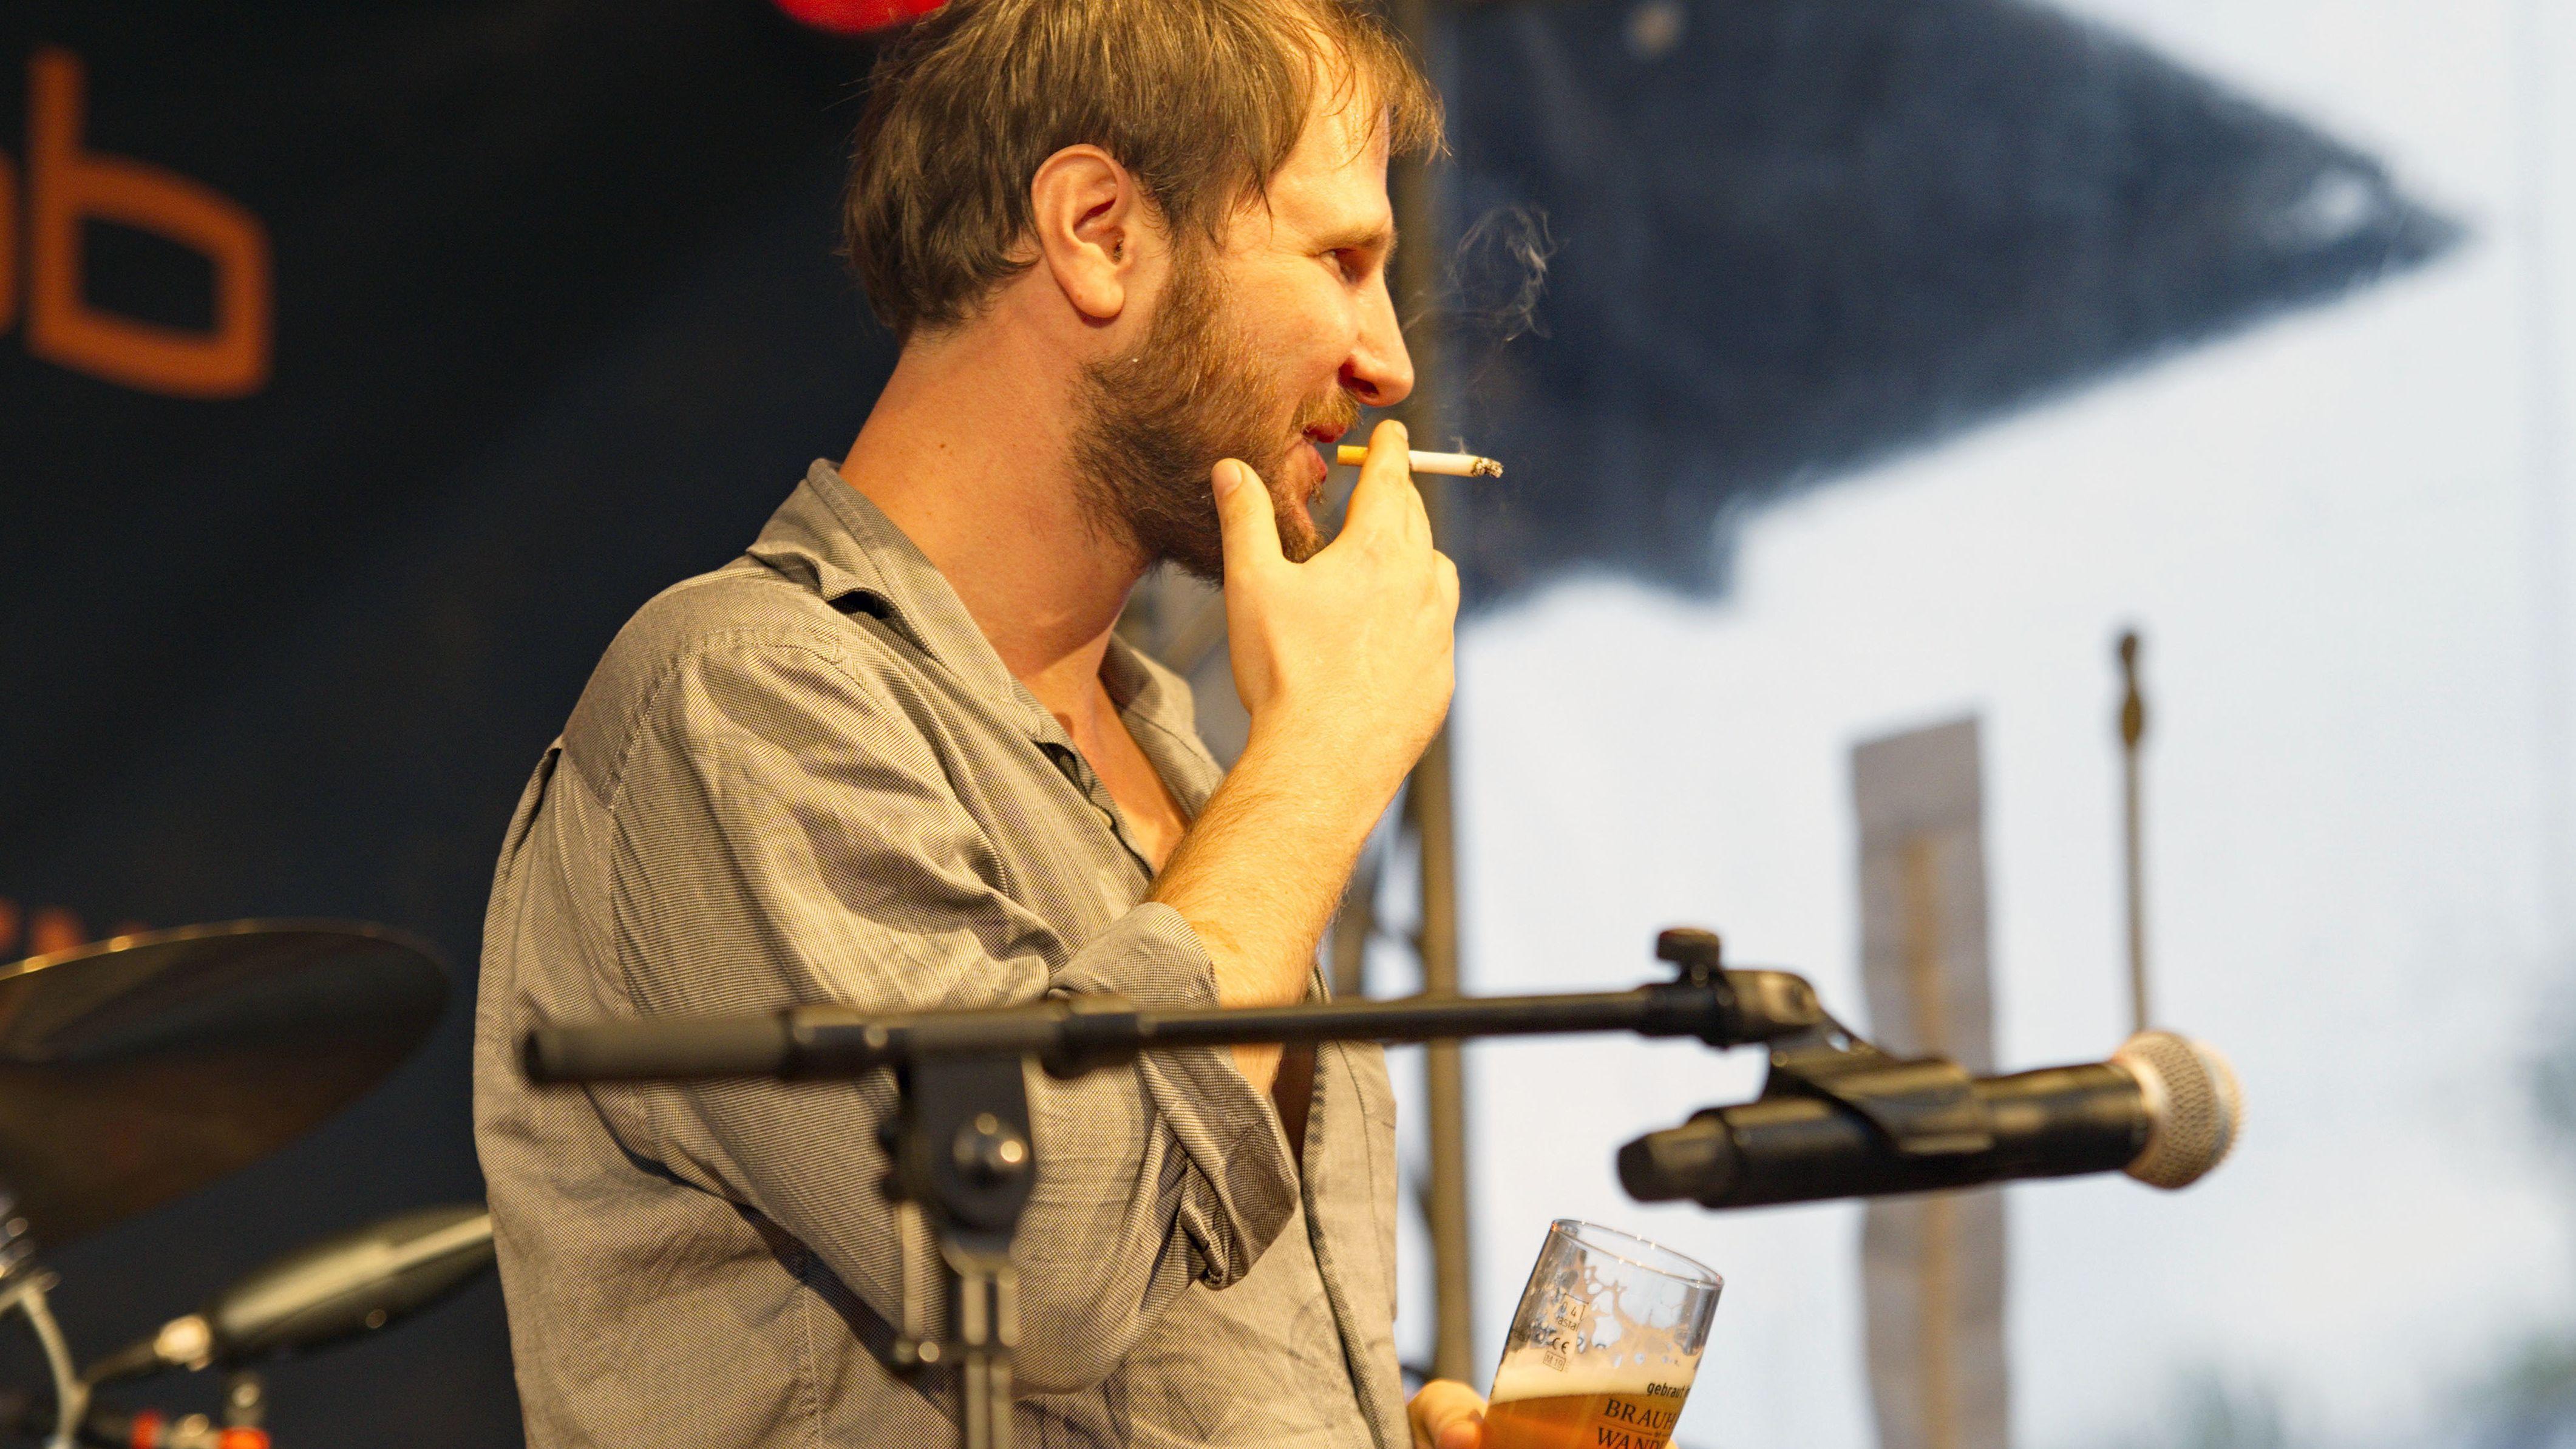 Der Sänger von Wanda steht bei einem Auftritt in Berlin rauchend und mit Bier auf der Bühne.